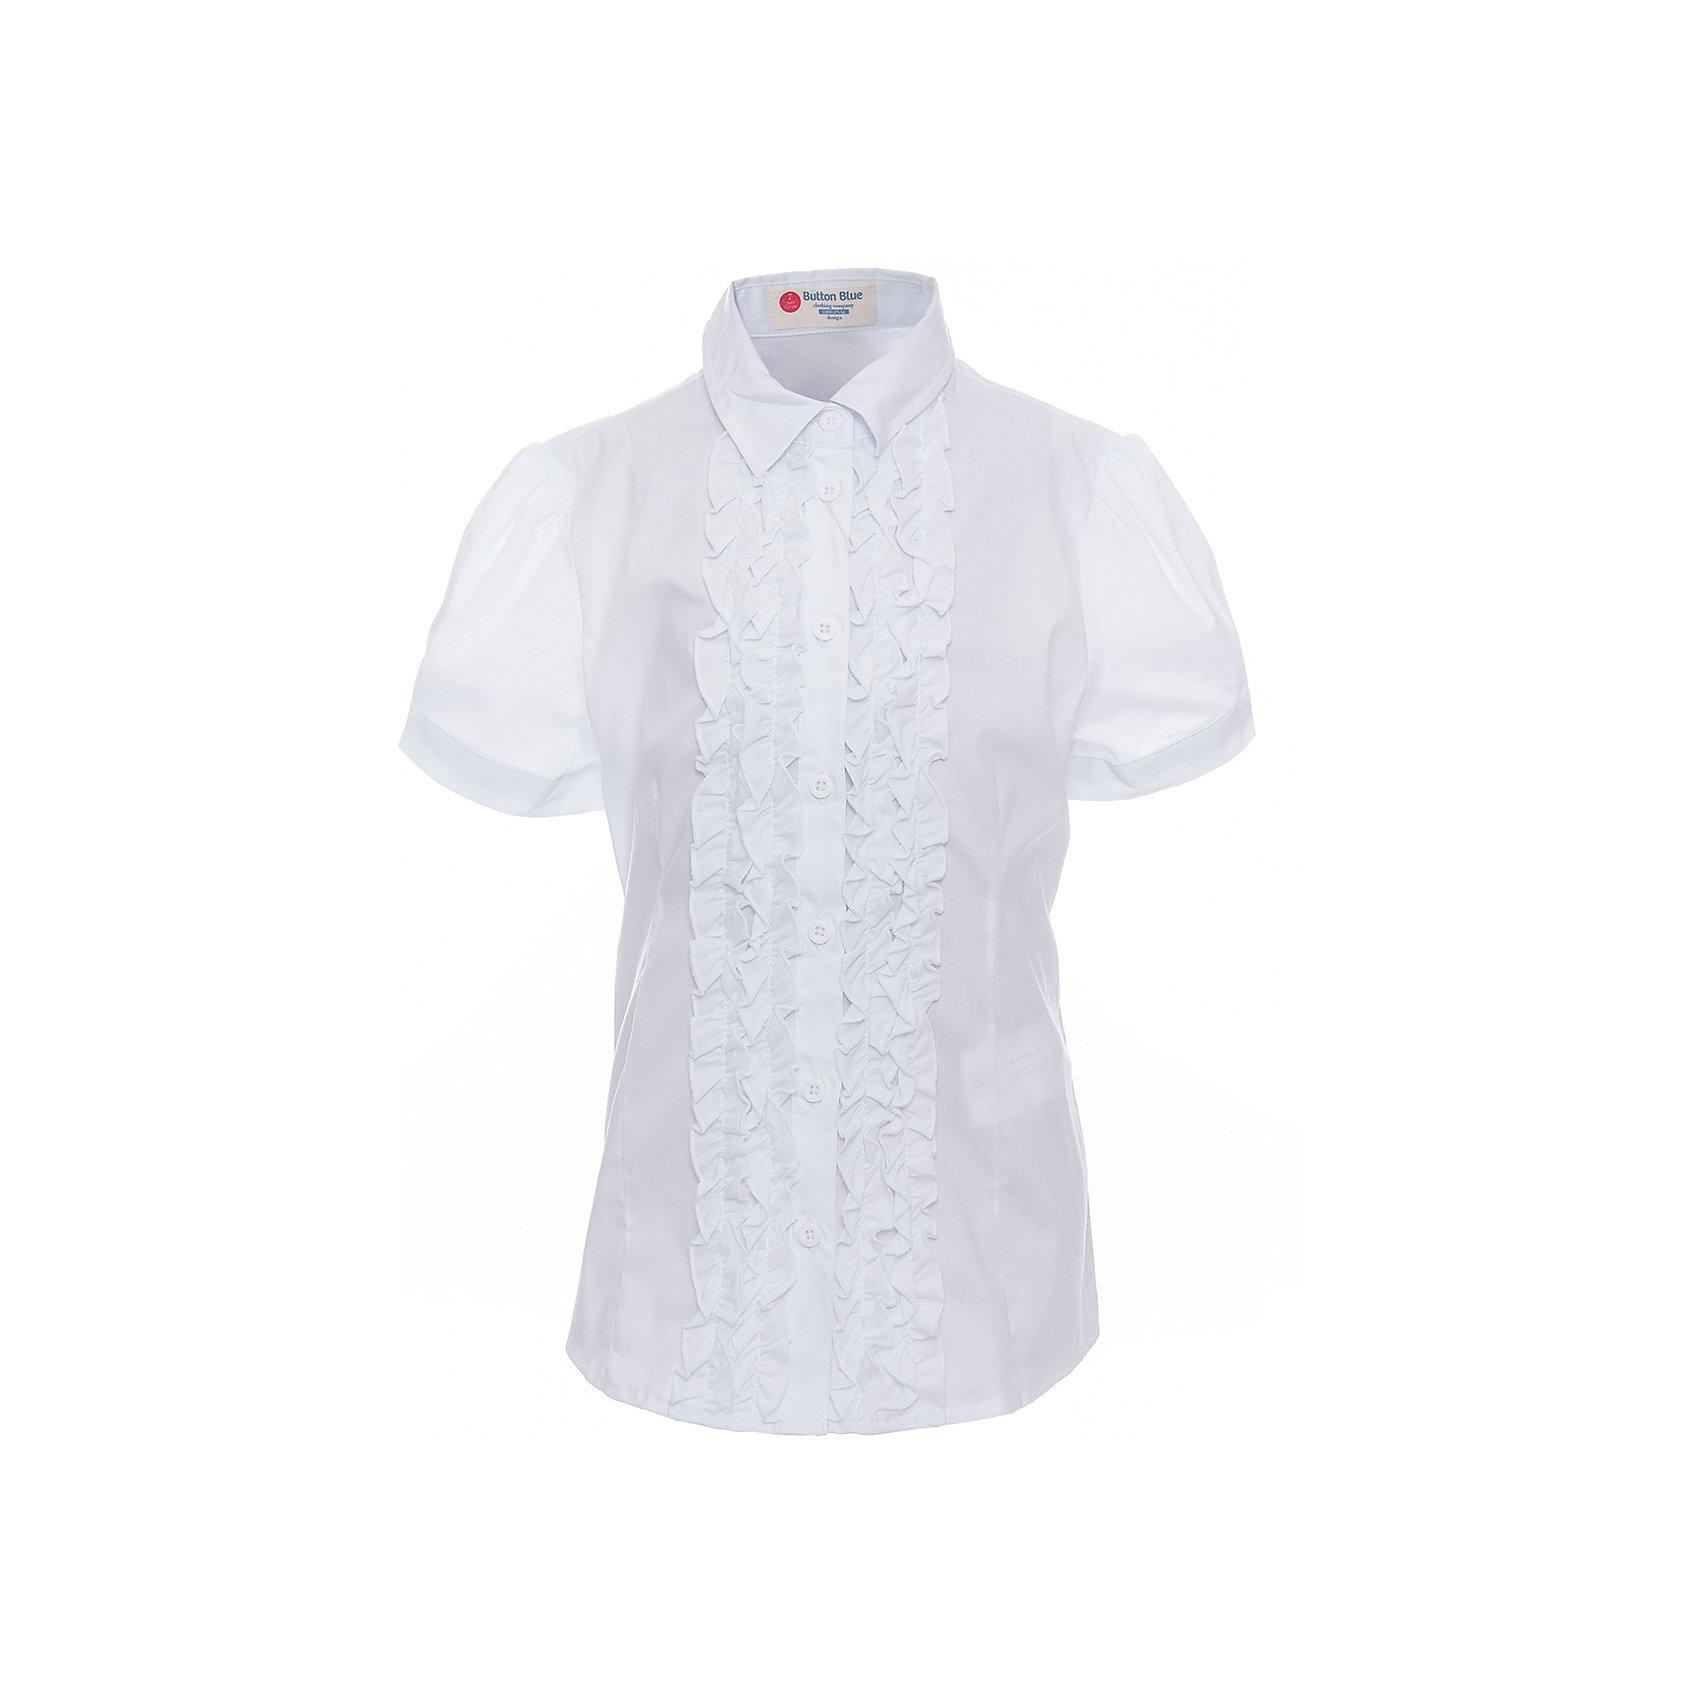 Блузка для девочки BUTTON BLUEБлузки и рубашки<br>Блузка для девочки BUTTON BLUE<br>Блузки для школы купить не сложно, но выбрать модель, сочетающую прекрасный состав, элегантный дизайн, привлекательную цену, не так уж и легко. Купить красивую школьную блузку для девочки недорого возможно, если это блузка от Button Blue! Не откладывайте покупку! Нарядная школьная блузка с коротким рукавом понадобится 1 сентября как никогда, придав образу торжественность и элегантность.<br>Состав:<br>62% хлопок,  35%нейлон,                3% эластан<br><br>Ширина мм: 186<br>Глубина мм: 87<br>Высота мм: 198<br>Вес г: 197<br>Цвет: белый<br>Возраст от месяцев: 156<br>Возраст до месяцев: 168<br>Пол: Женский<br>Возраст: Детский<br>Размер: 164,128,122,134,140,146,152,158<br>SKU: 6739348